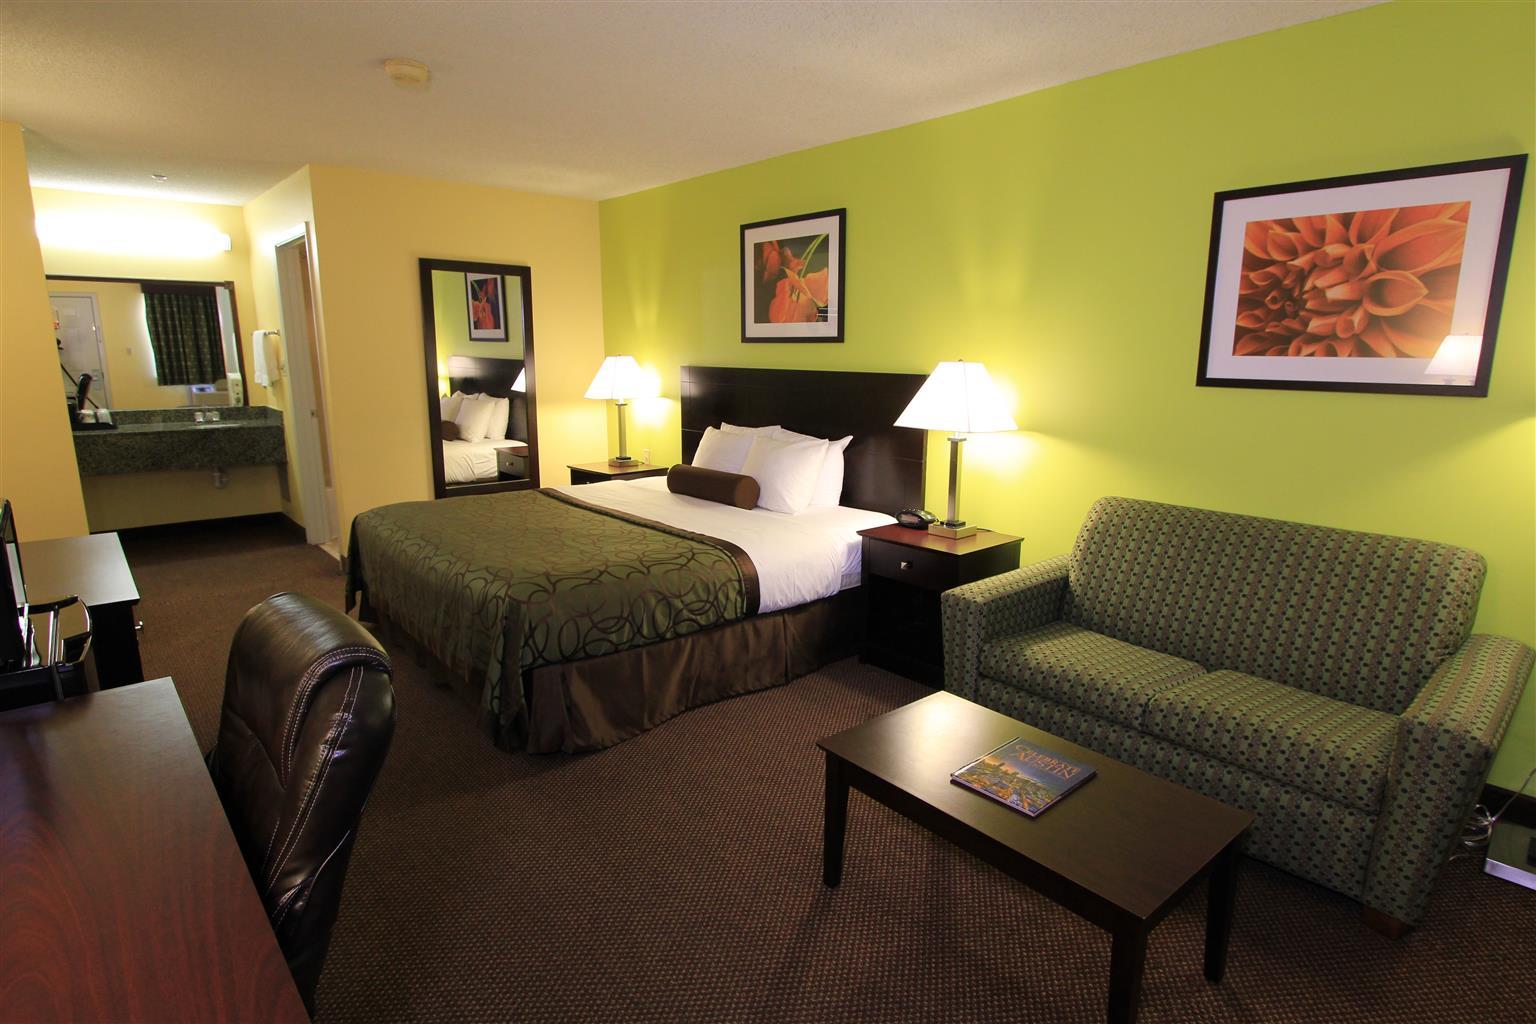 44429 000 Exterior 001 002 003 Restaurant 004 Lobby 005 Guestroom 006